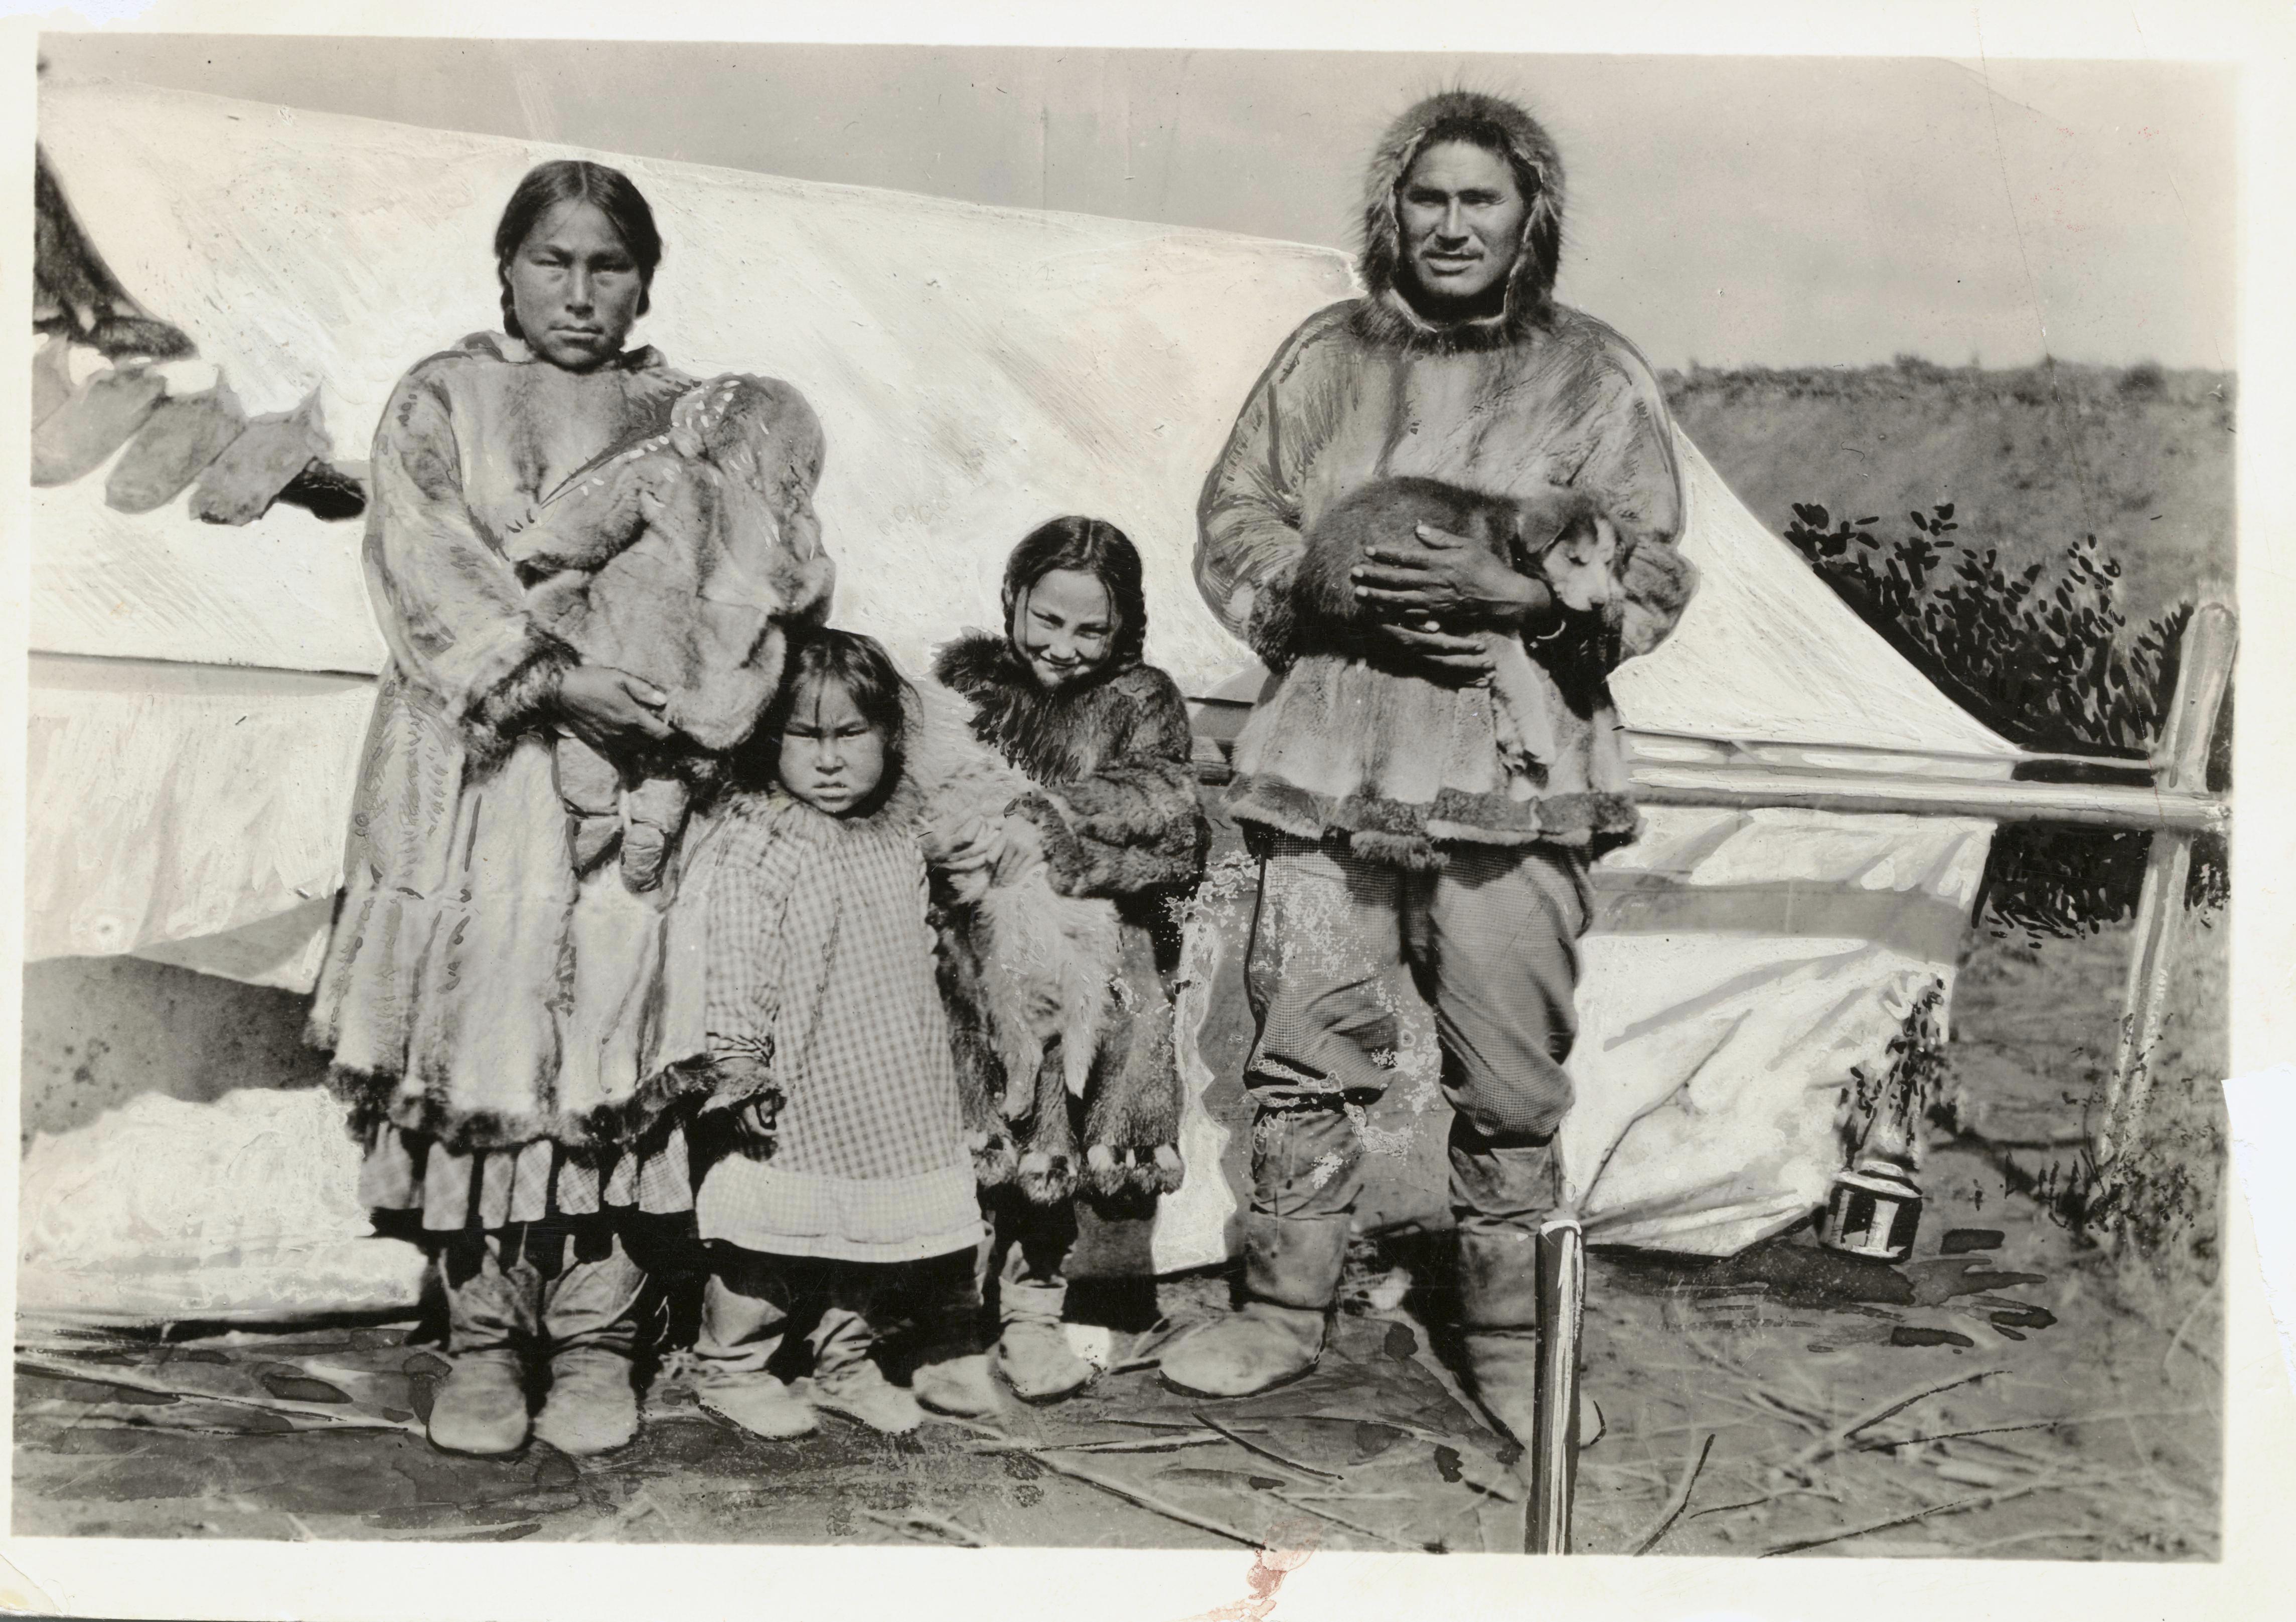 Inuit_25.jpg